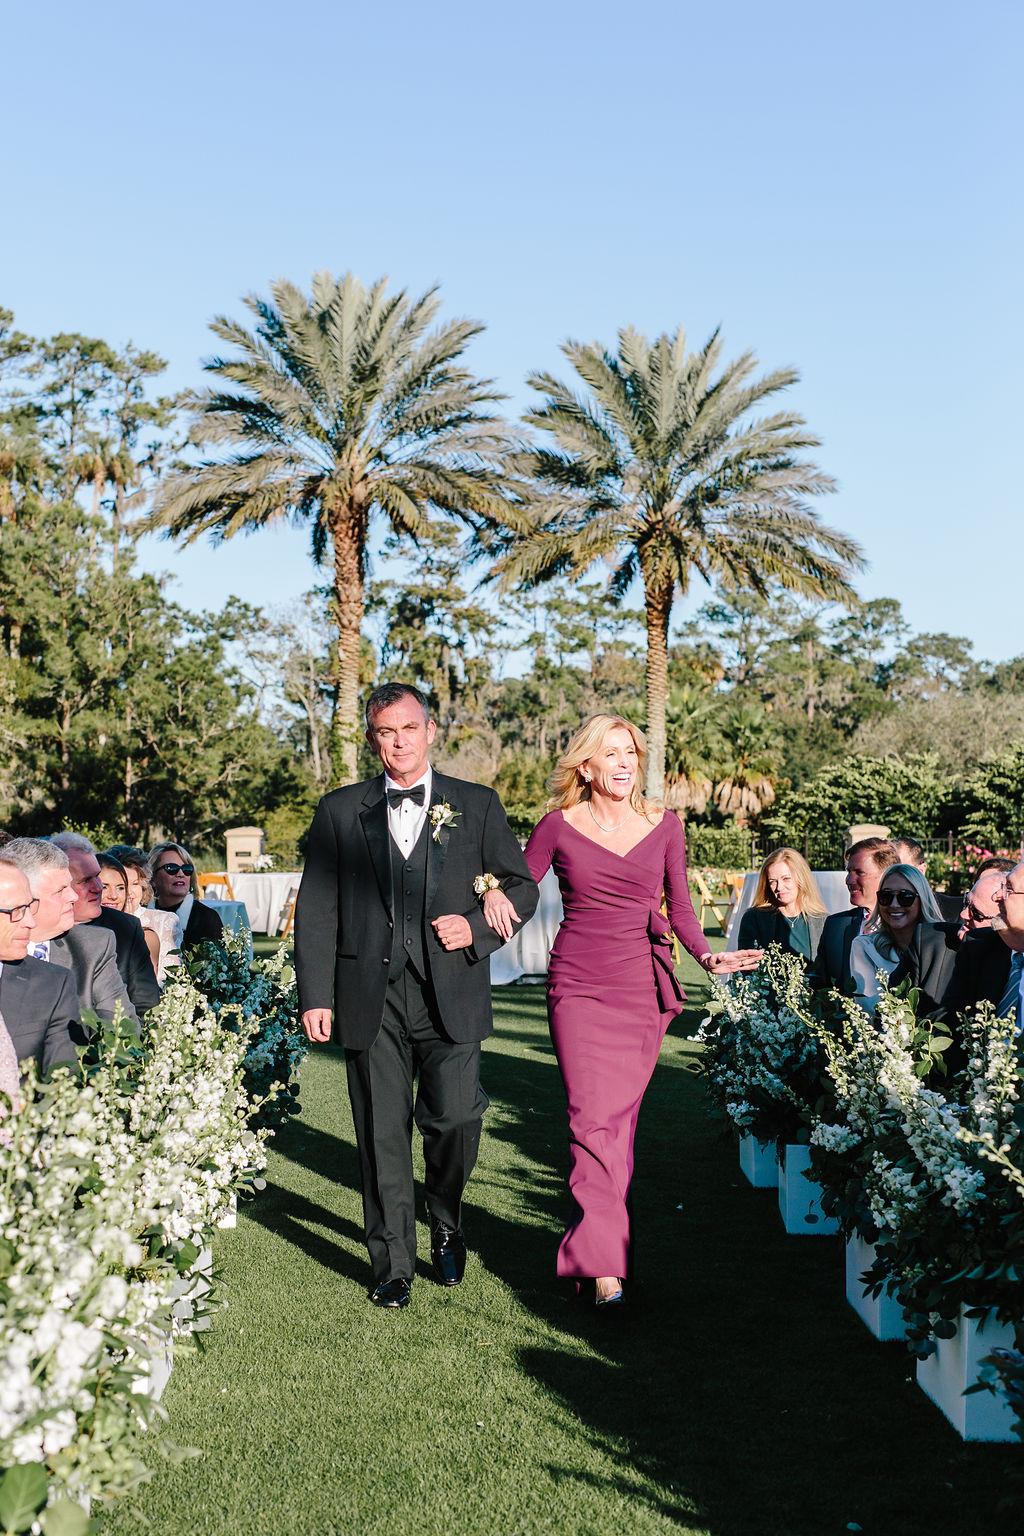 Bluegrass Chic - Wedding flowers TPC Sawgrass